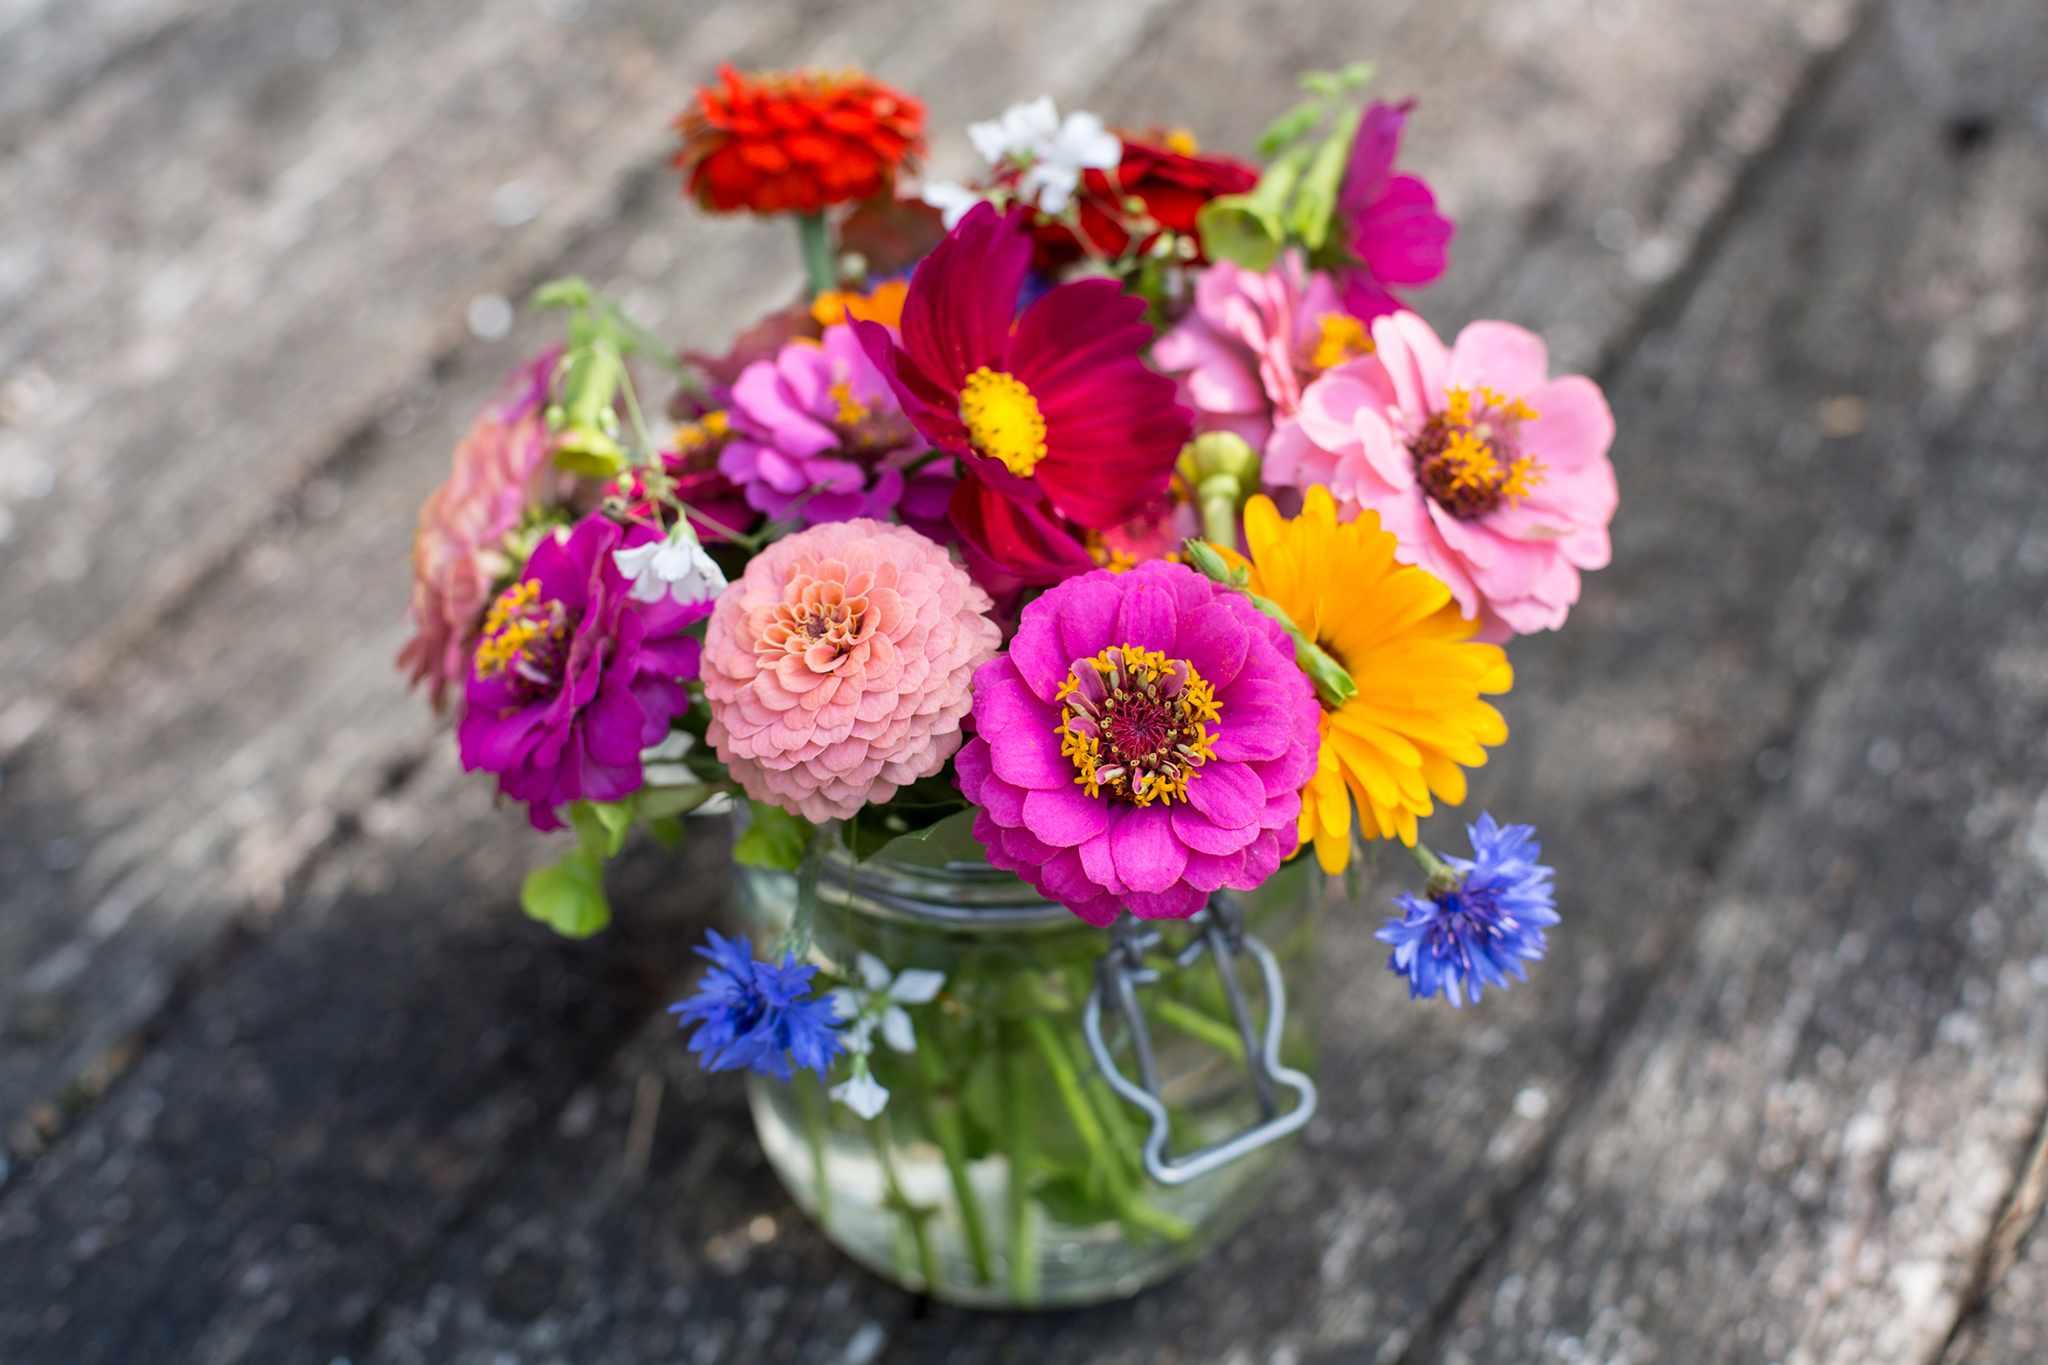 Vase of cut flowers